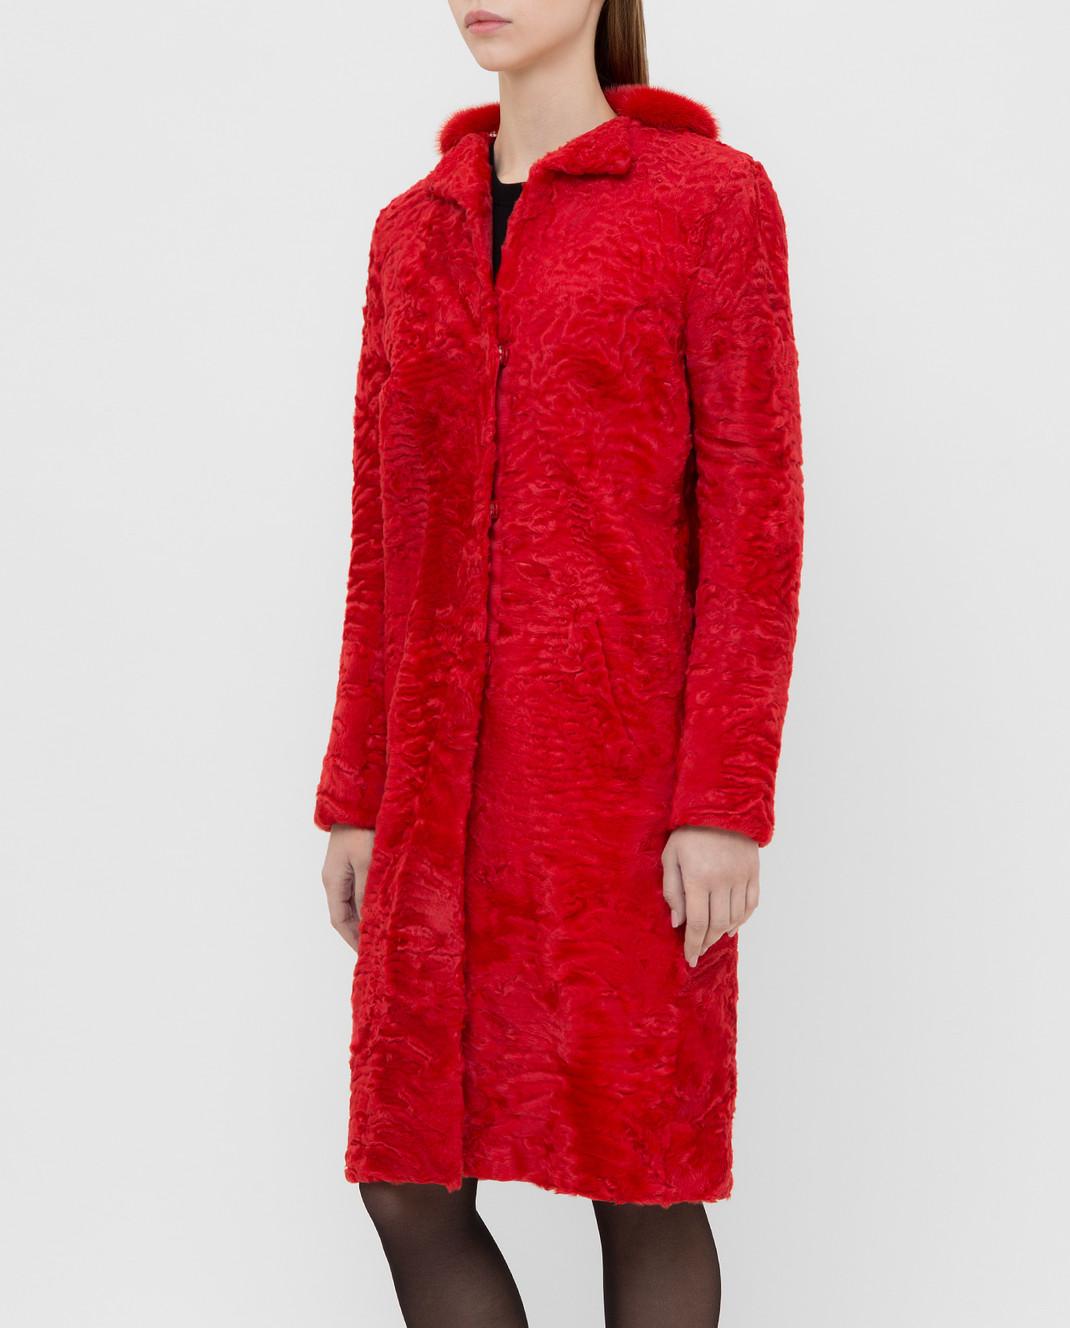 Giambattista Valli Красная шуба из персидского ягненка с воротником из меха норки GBE45A00CPP0365 изображение 3